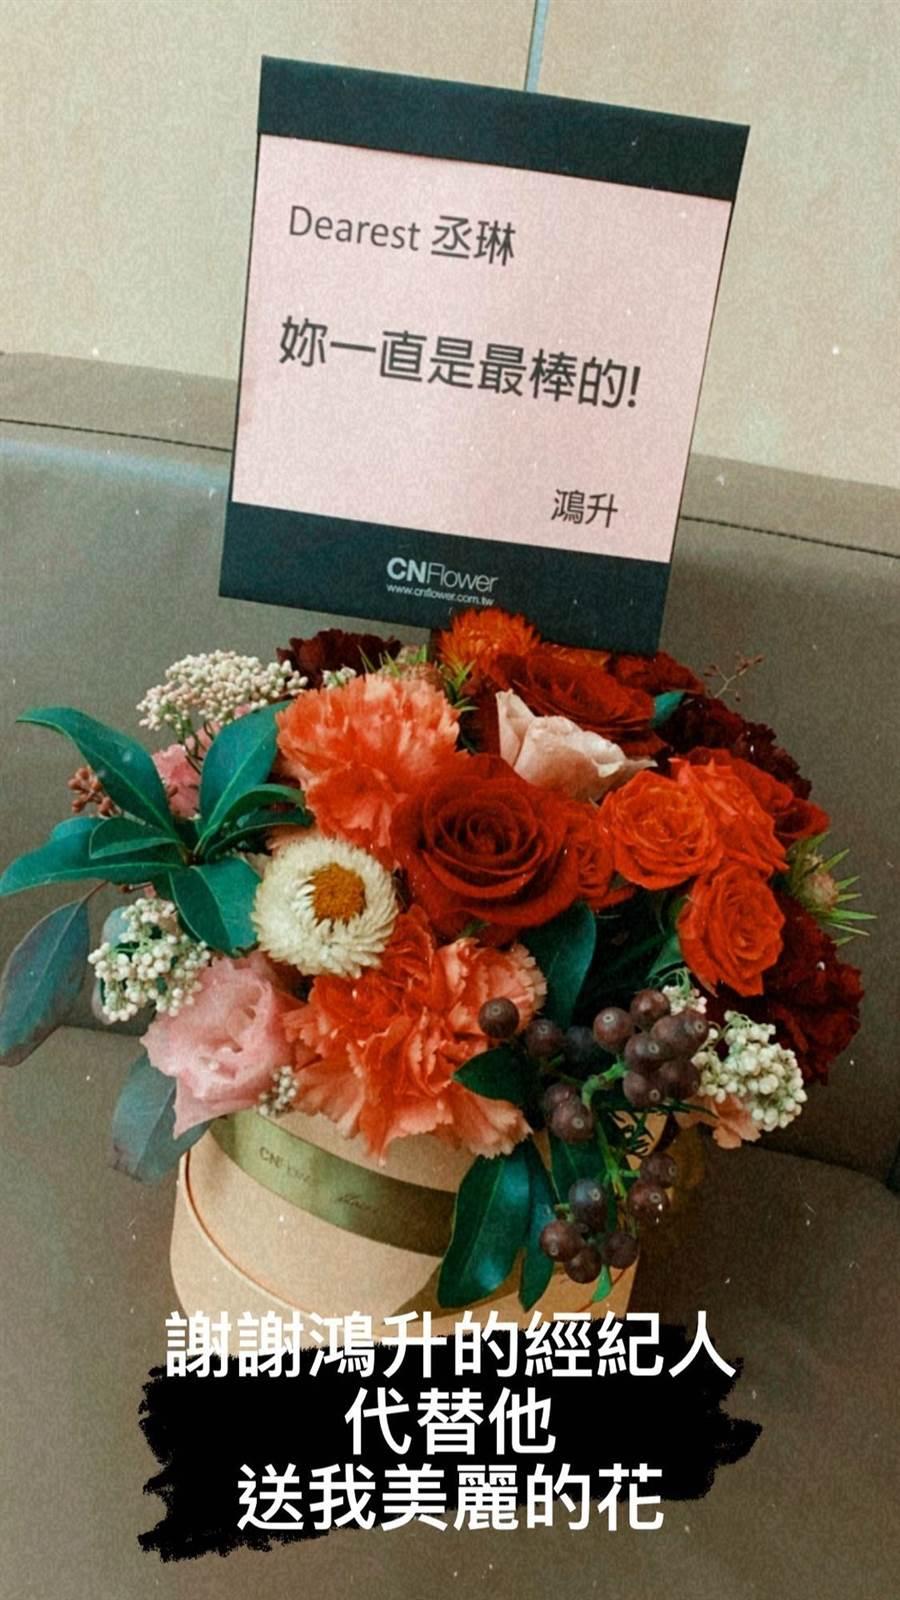 杨丞琳收到小鬼送的花蓝。(图/翻摄自杨丞琳IG)